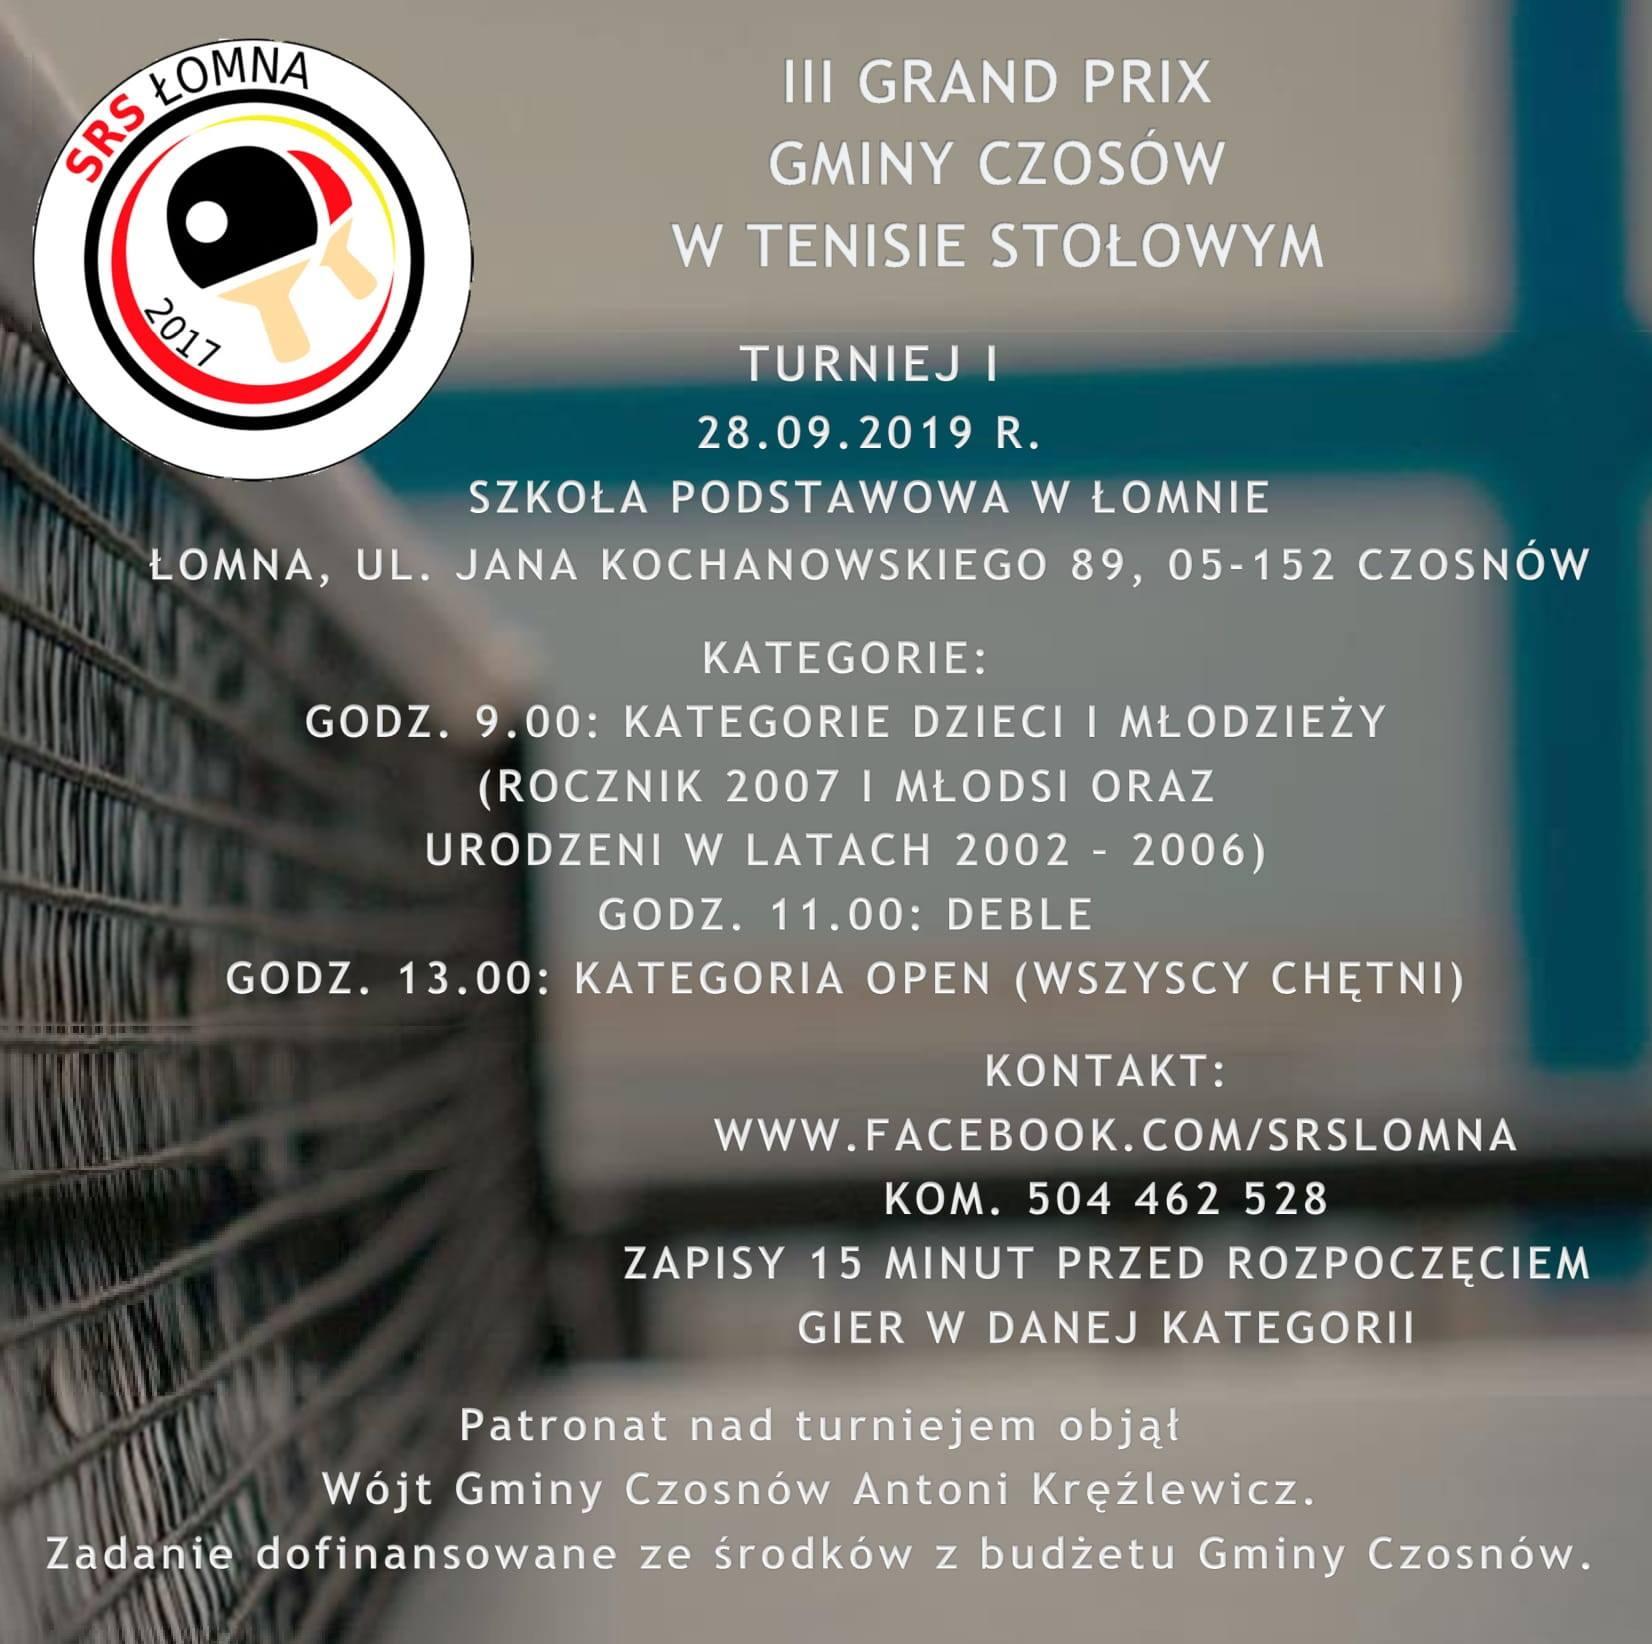 Plakat turnieju III Grand Prix Gminy Czosnów w Tenisie Stołowym - 5 Turniej